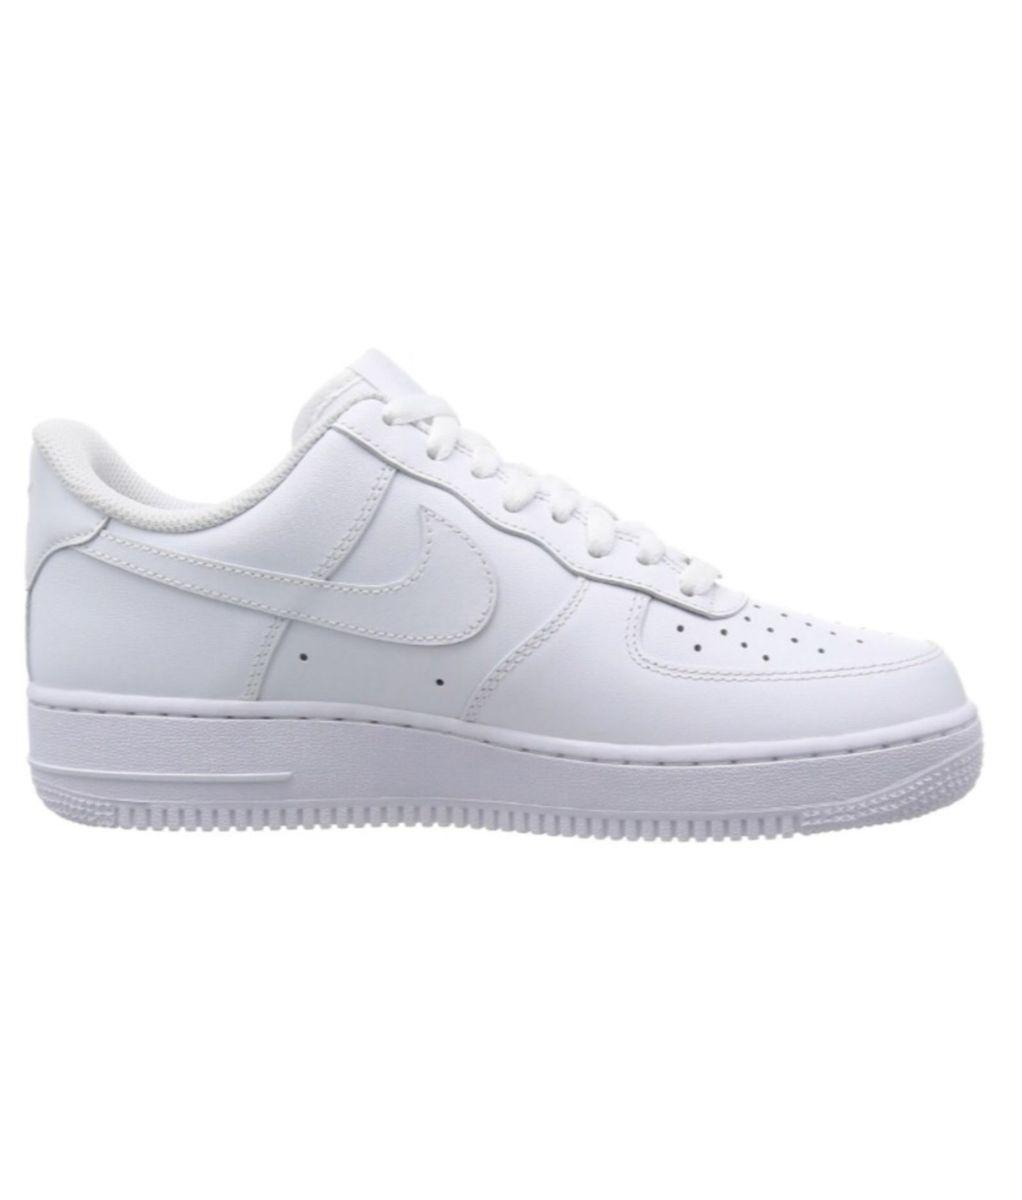 nouveau concept 91d48 98daa Nike air force 1 tamanho 39 - branco